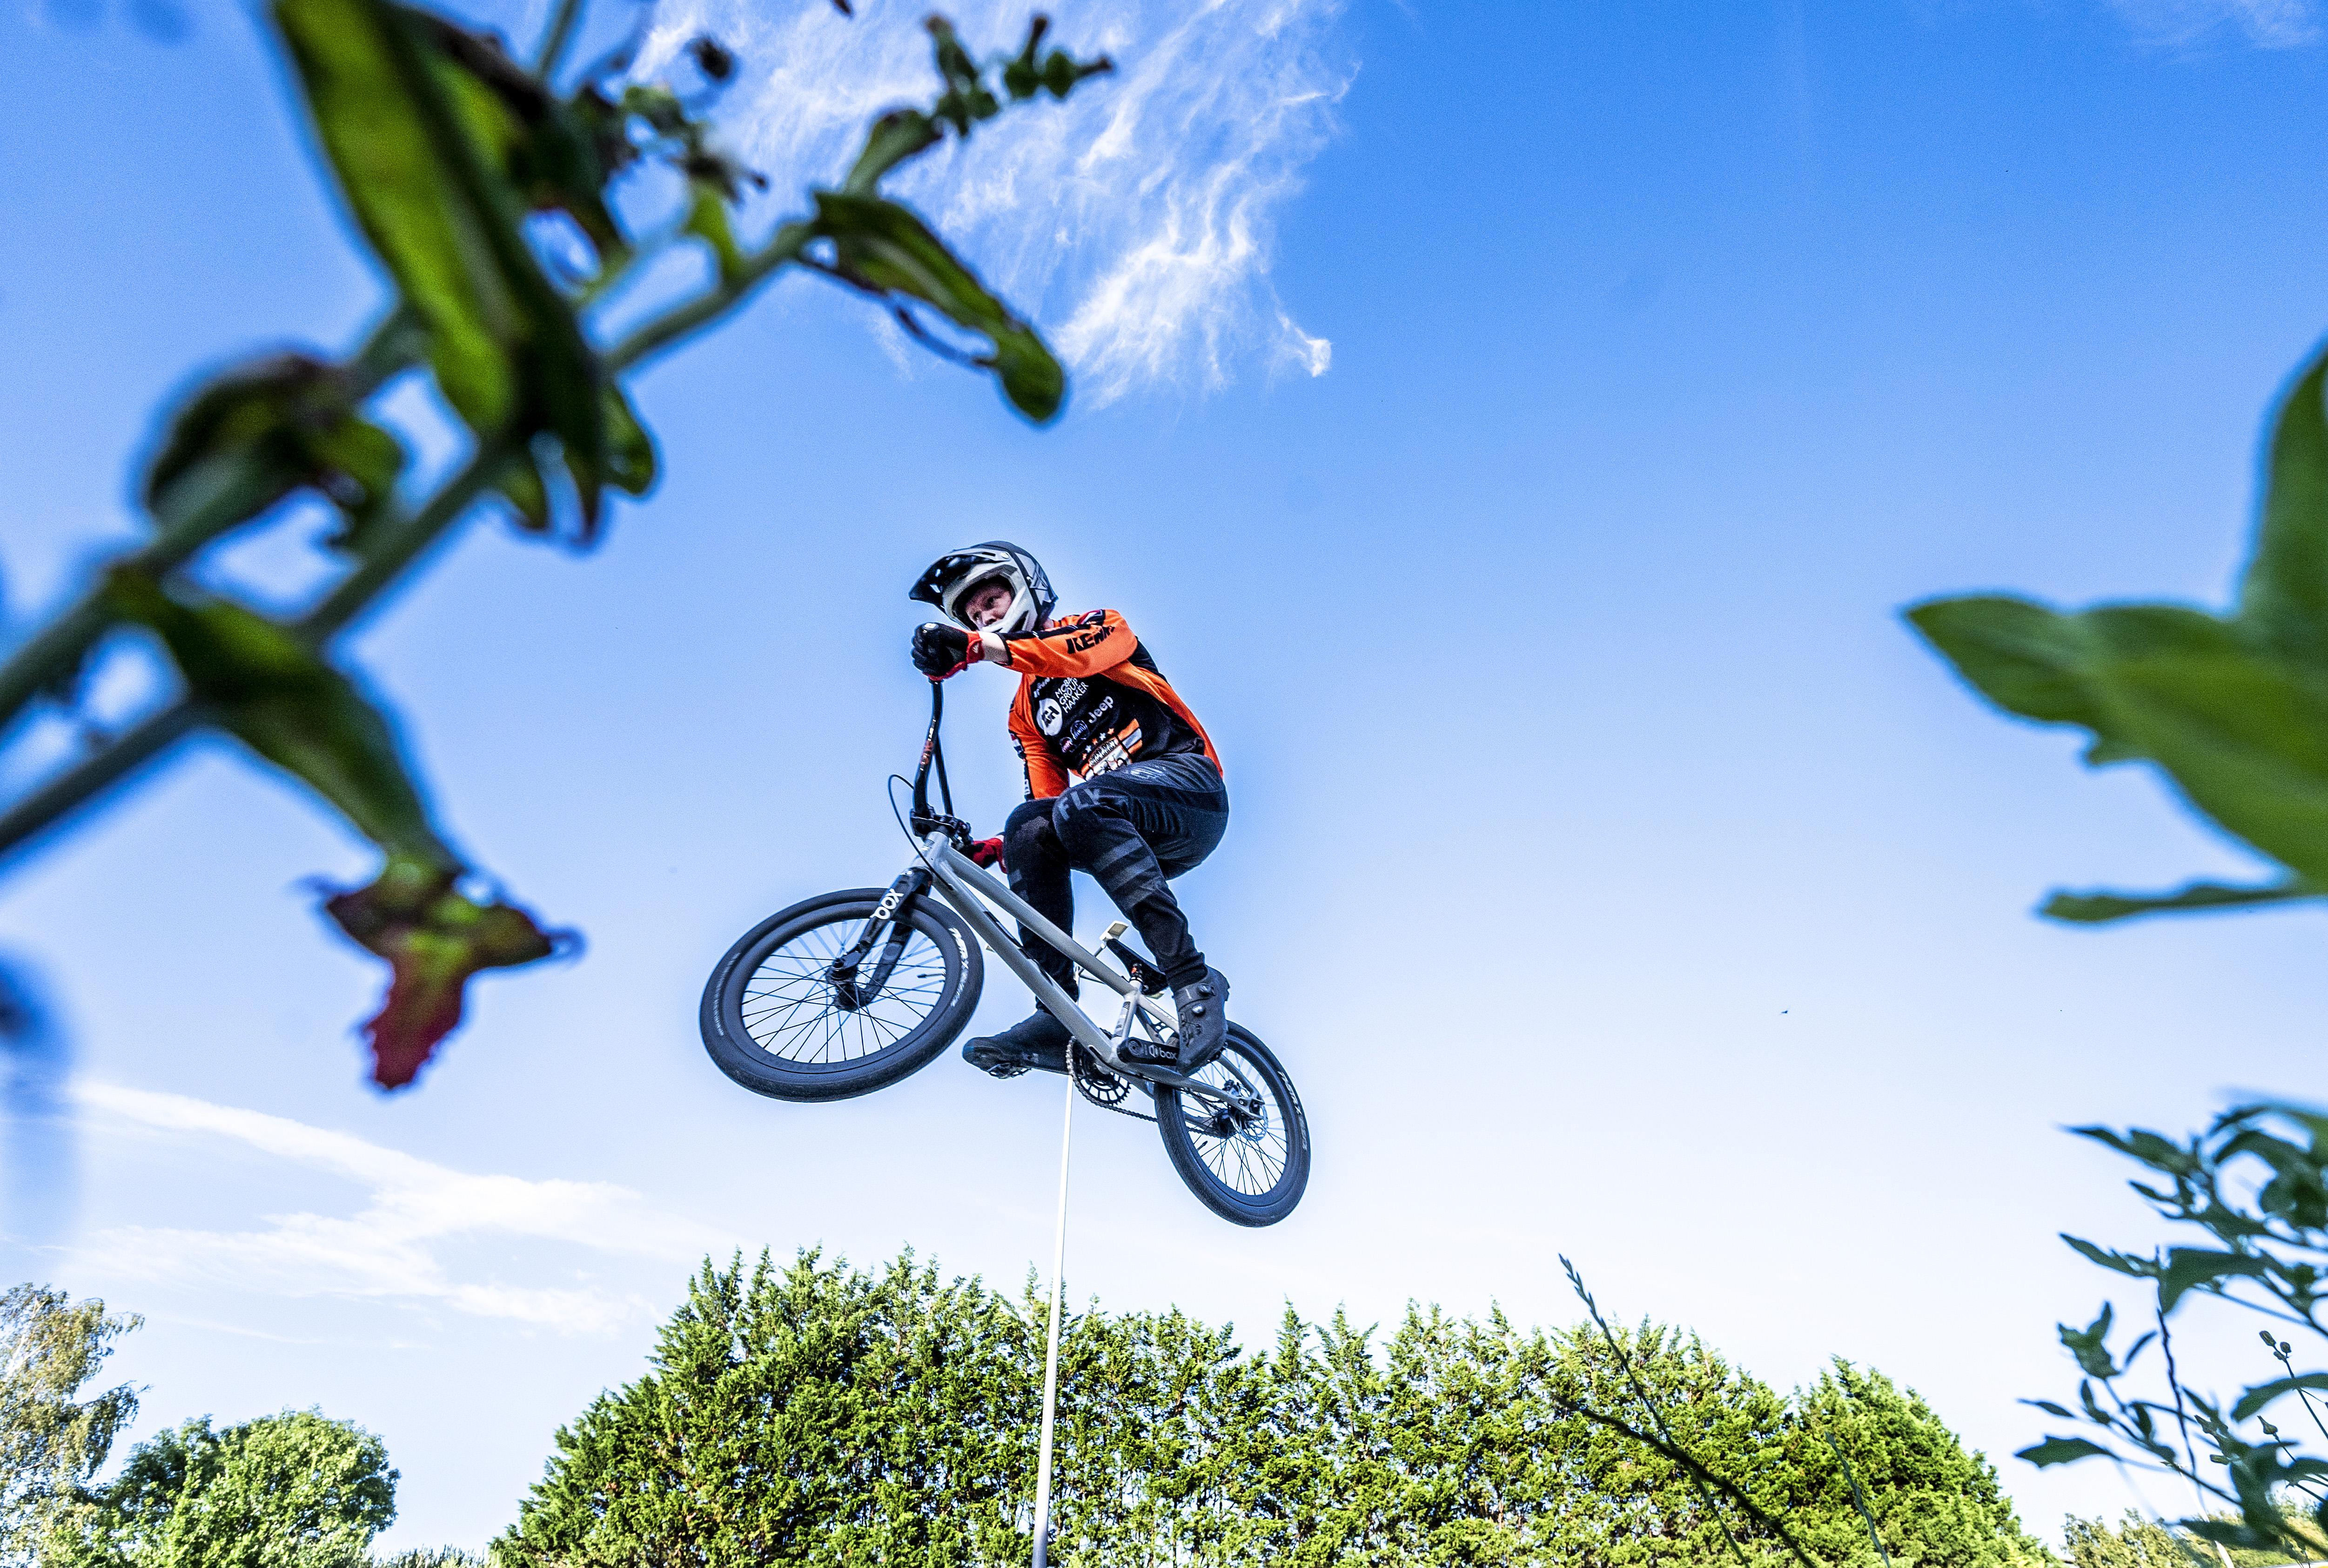 Angst, adrenaline en pure sportbeleving op de BMX: 'Voor je het weet ben je bij de finish en wil je meer'